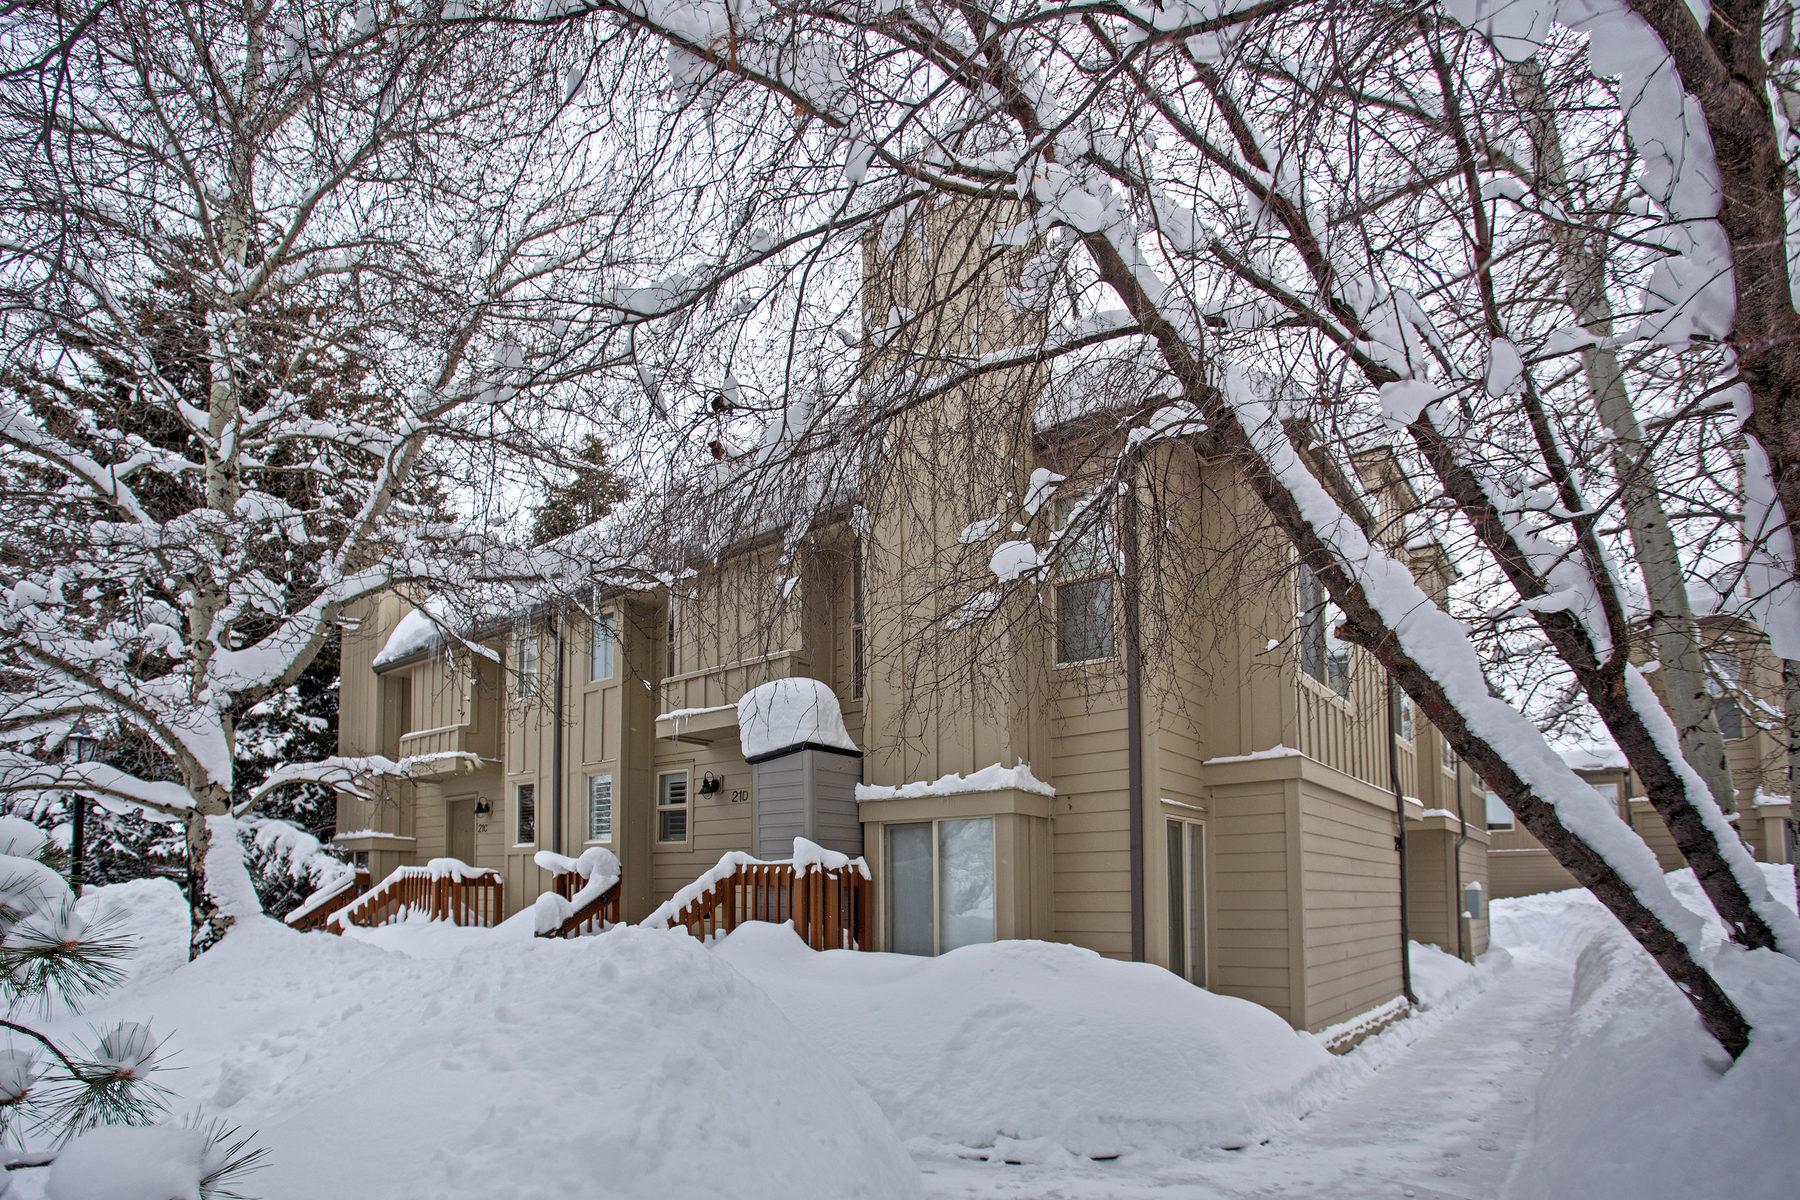 Nhà phố vì Bán tại Hidden Creek Condo Nestled in the Trees 2100 W Canyons Resort Dr #21-B Park City, Utah, 84098 Hoa Kỳ